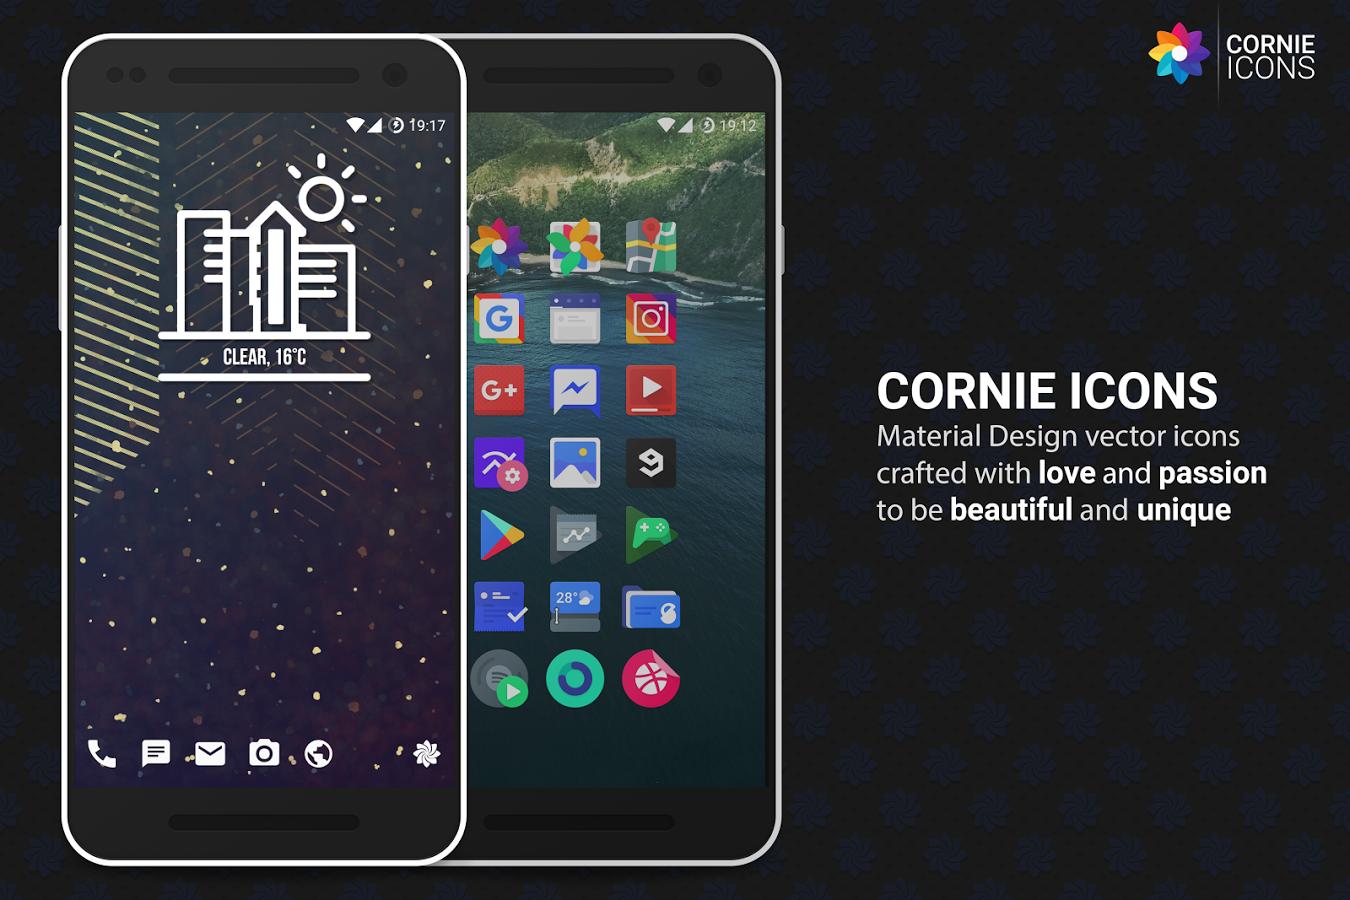 Resultado de imagem para Cornie icons